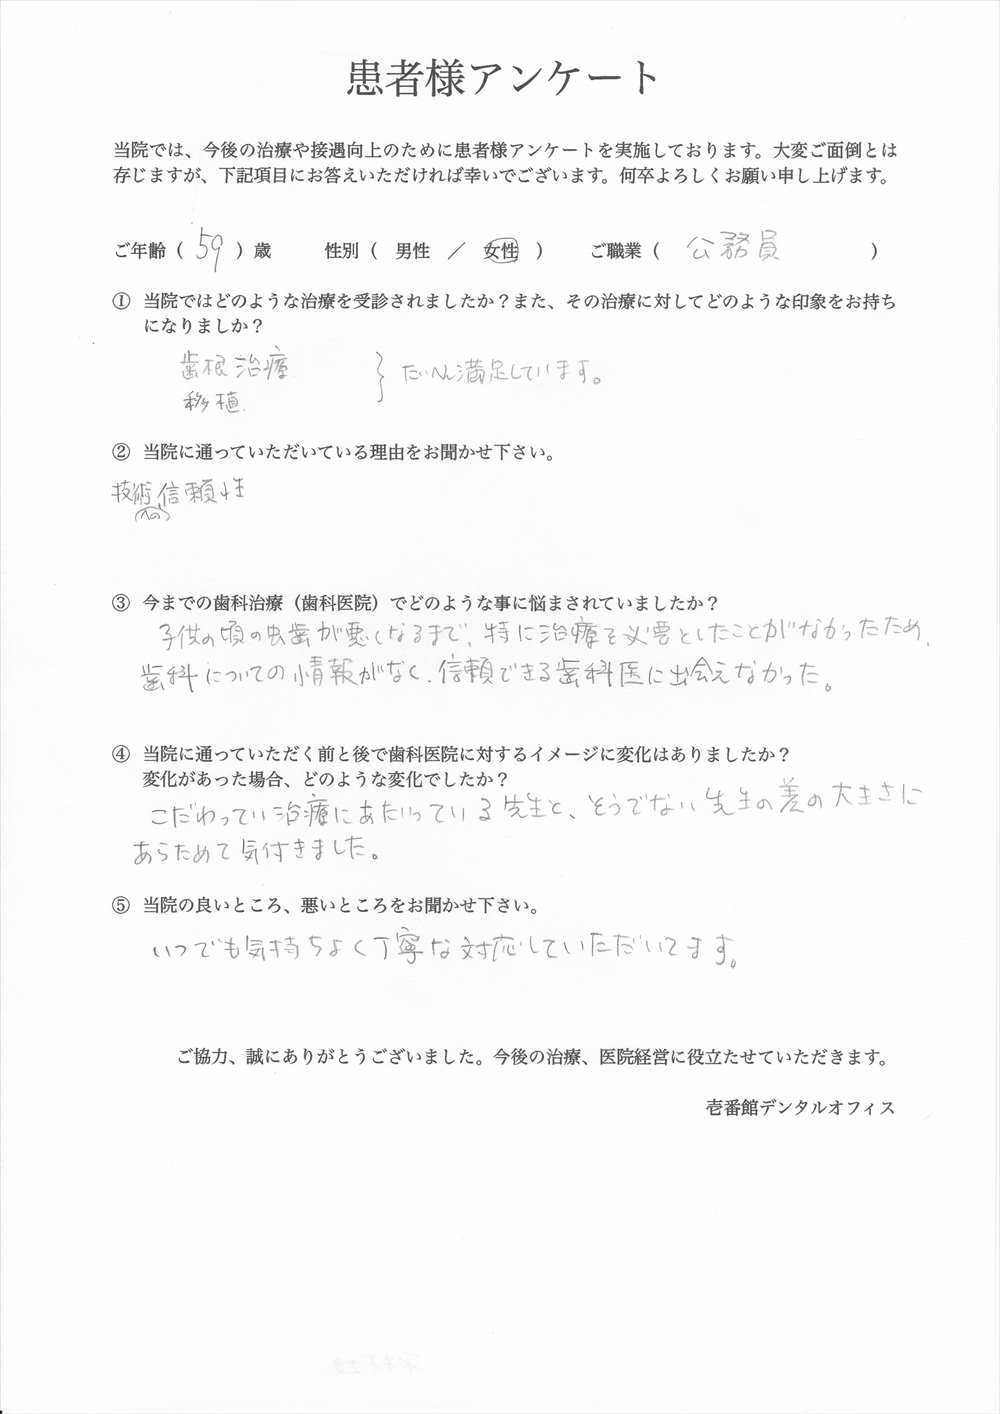 壱番館デンタルオフィス口コミ評判アンケート7